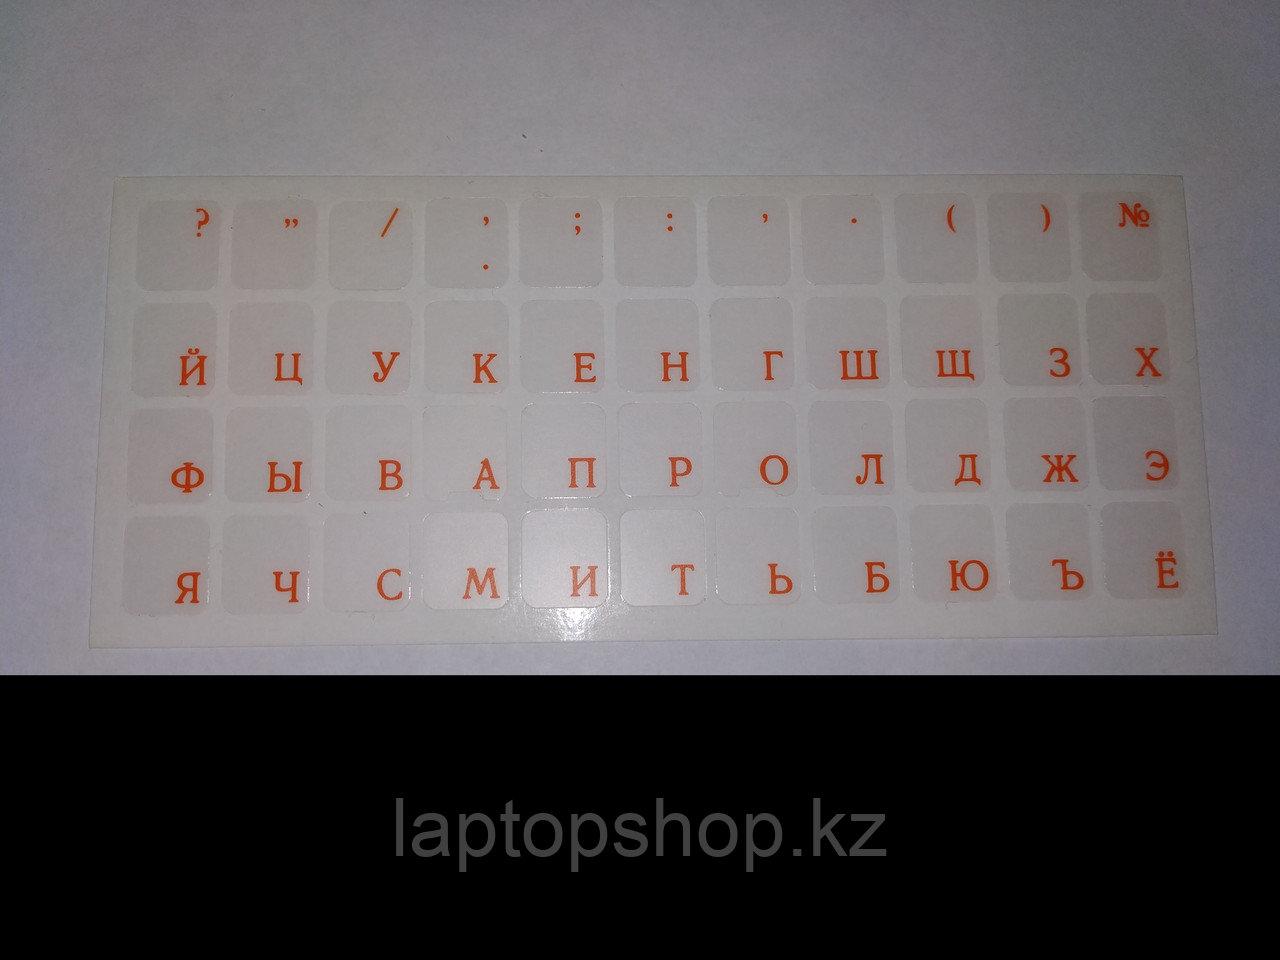 Наклейки на клавиатуру не стираемые прозрачные (краска ПОД ПЛЕНКОЙ) - оранжевый